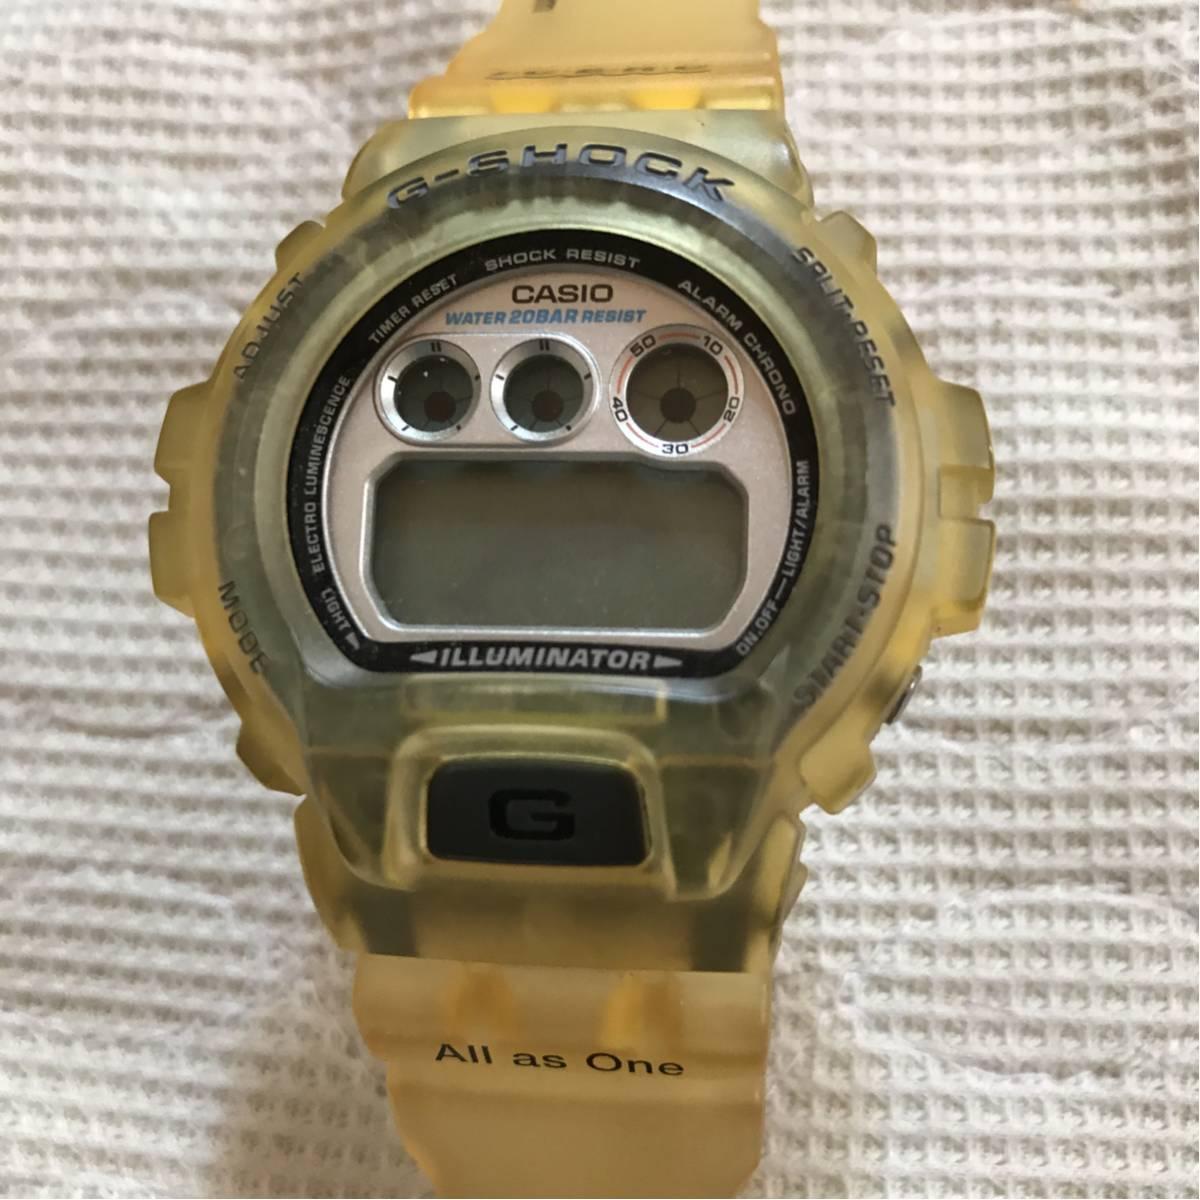 G-SHOCK/Gショック '96 5th I C E R C 腕時計 イルクジ DW-6900K【動作未確認】